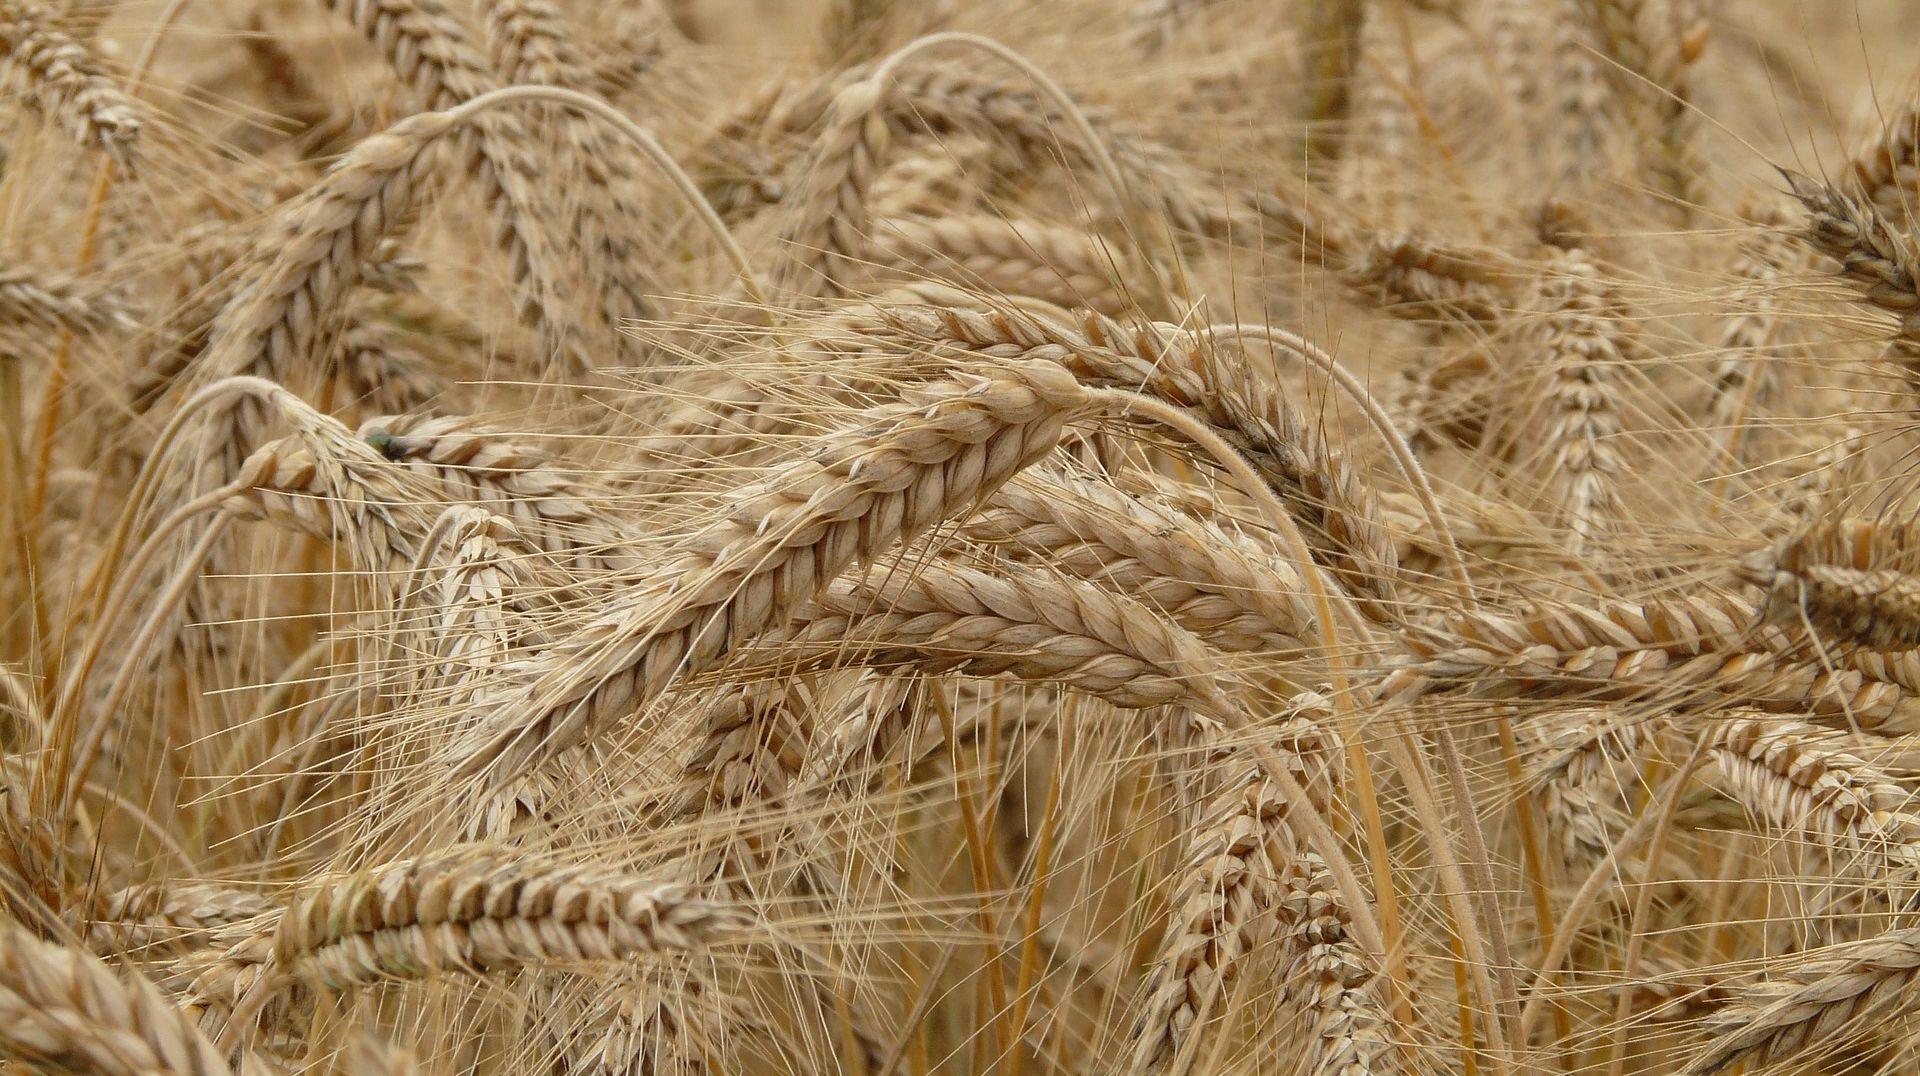 AZTN pokrenuo postupke protiv otkupljivača žita